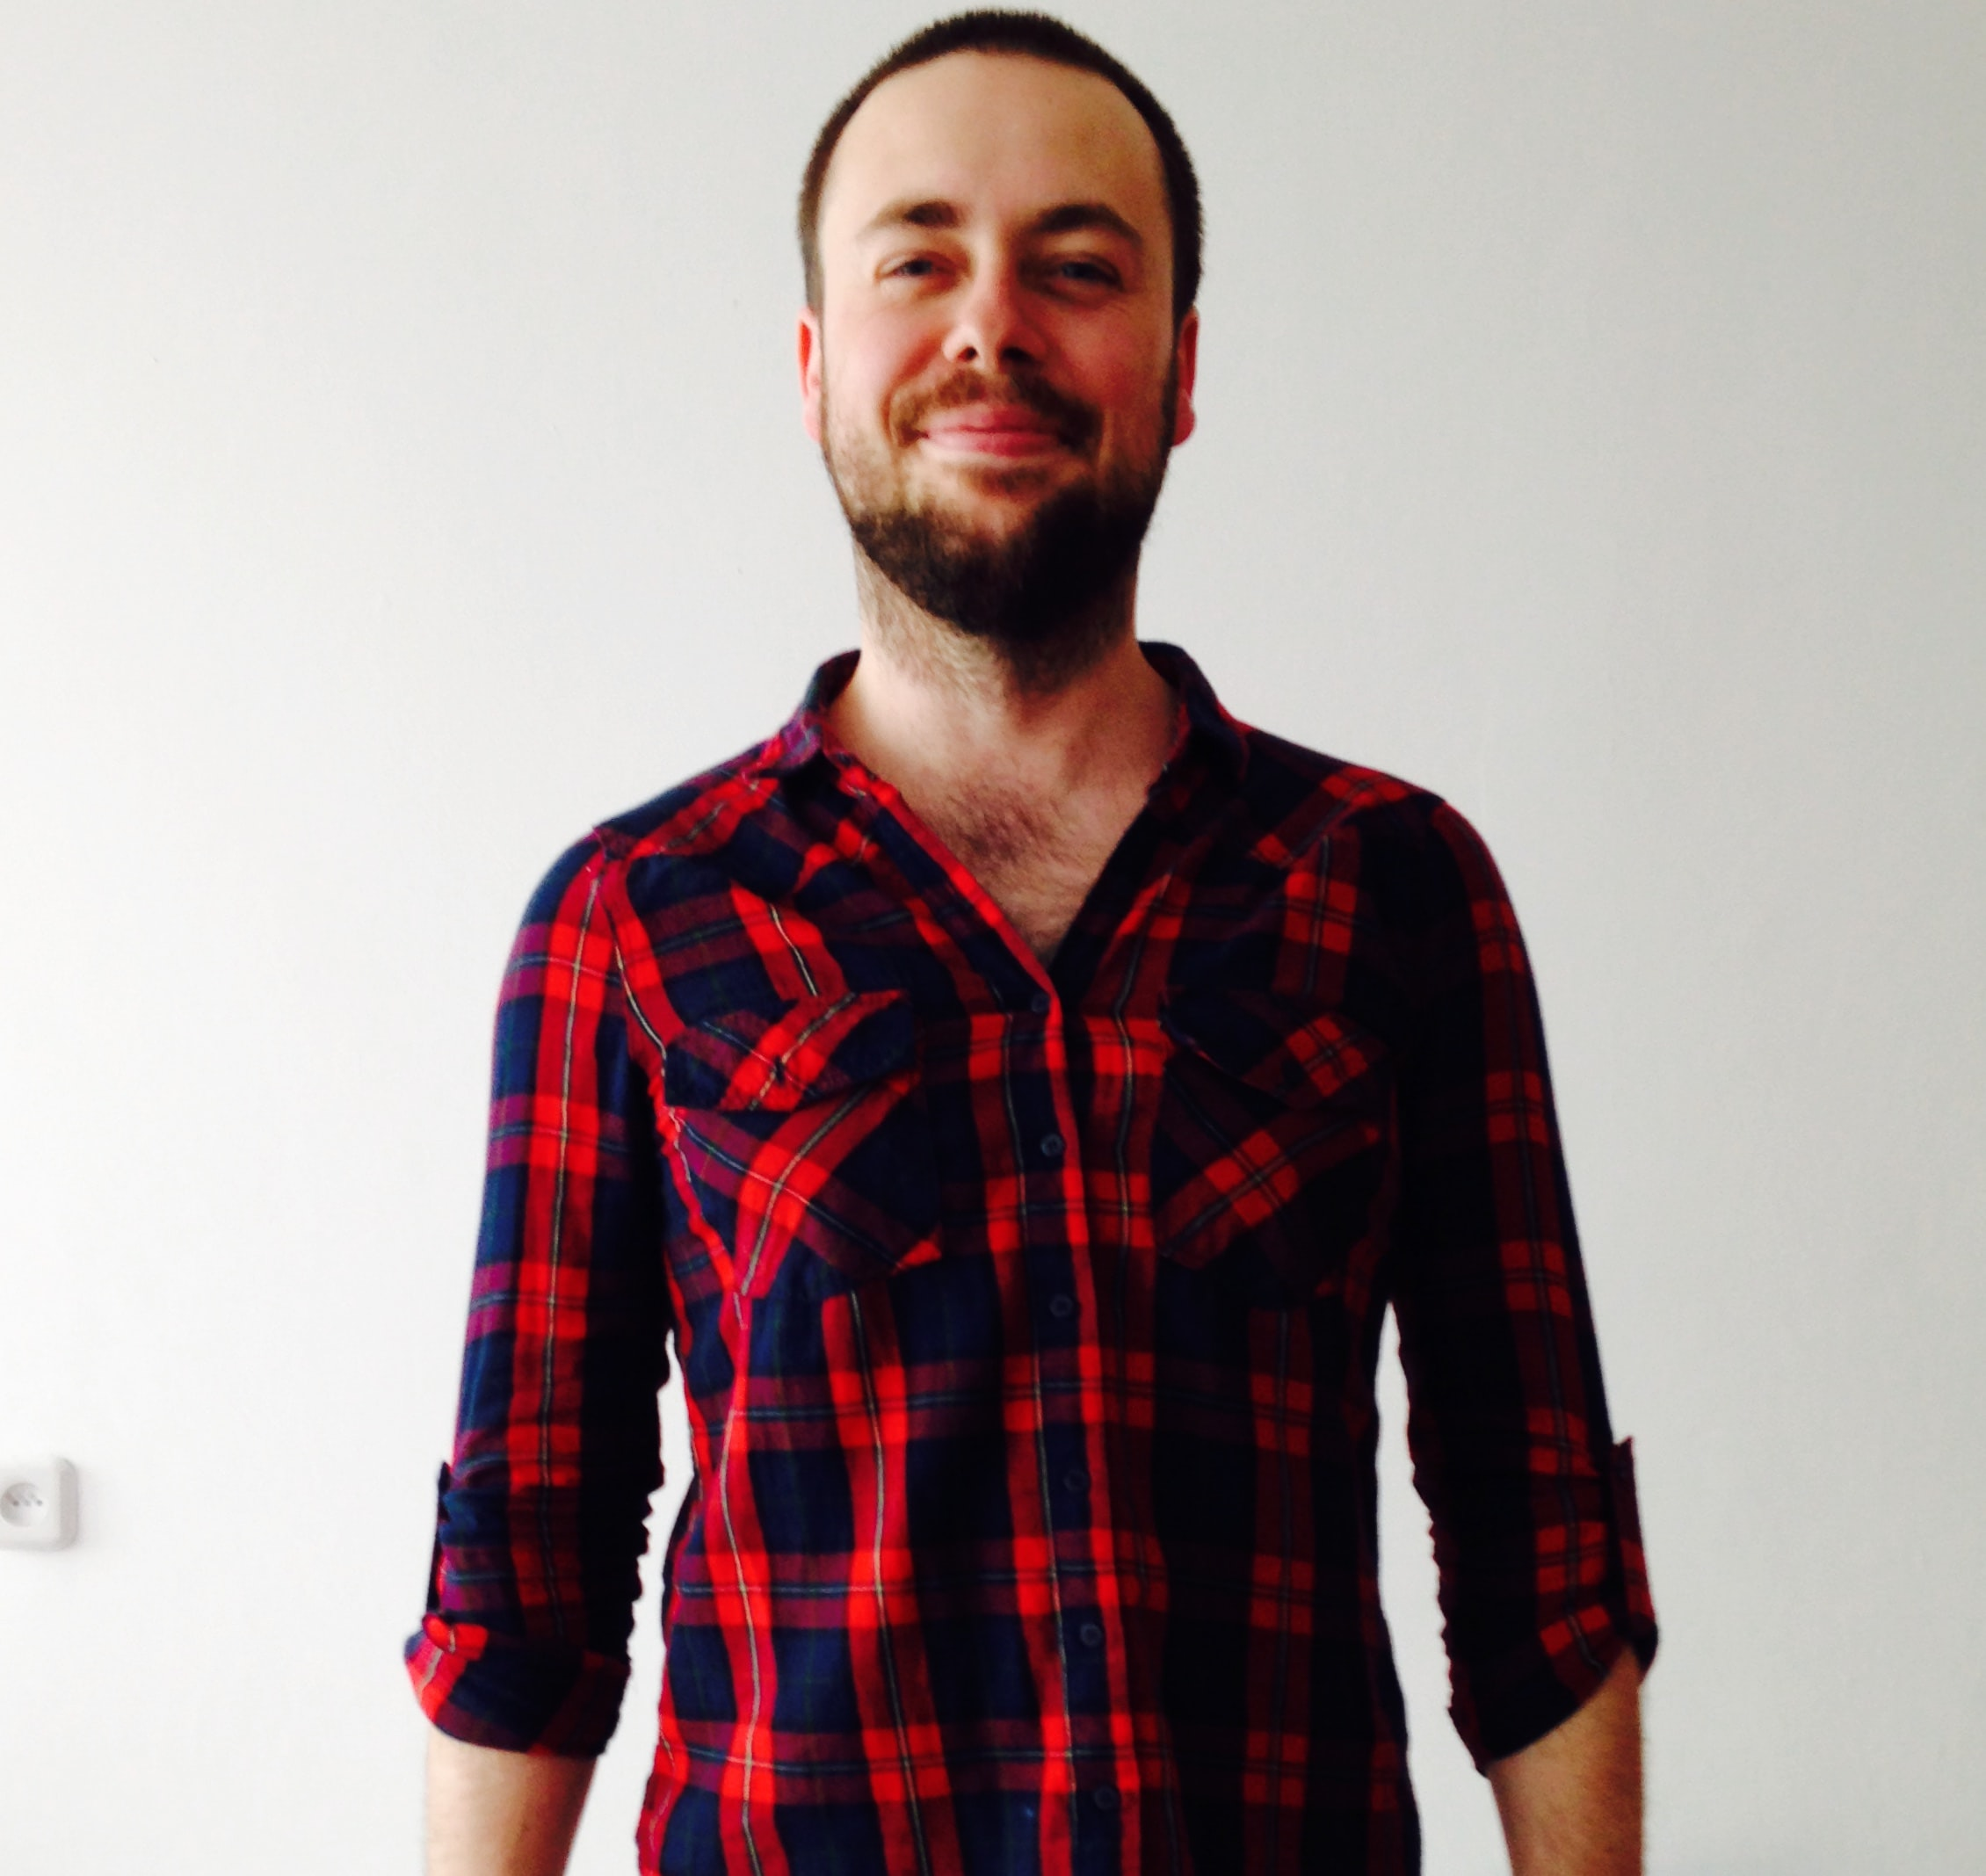 Go to Adam Rozynski's profile